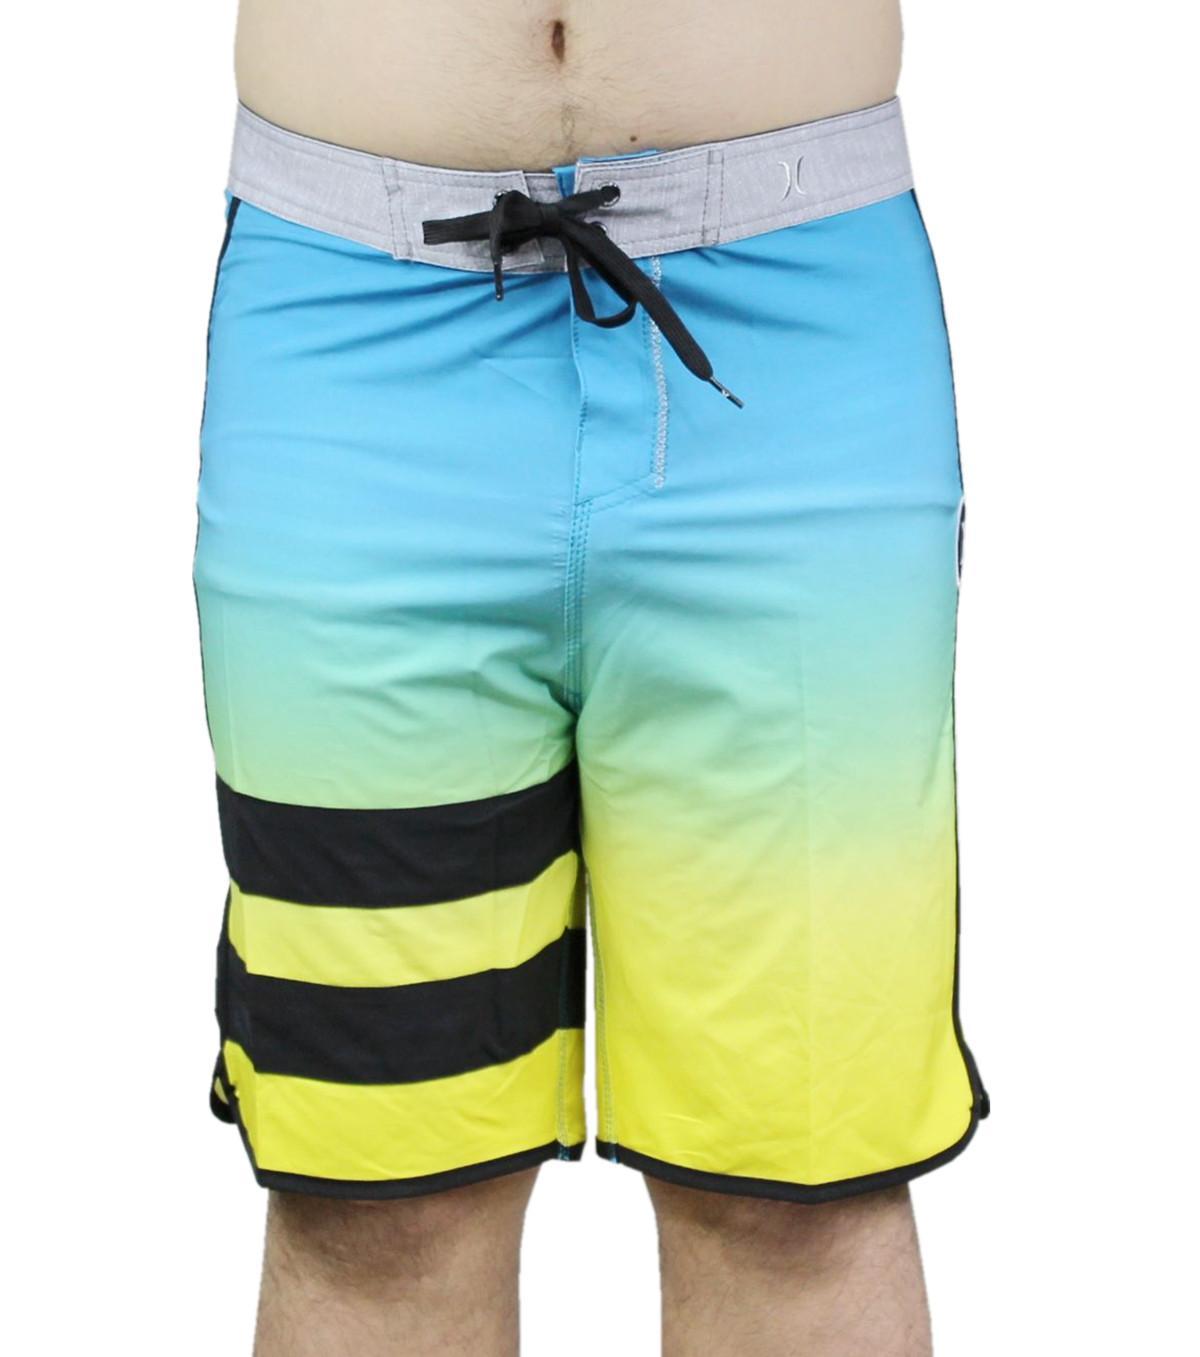 De Surf Gratis Secado Spandex Pantalones Fabric Rápido Beachshorts Bermudas Casuales Baño Hombre Shorts Trajes Envío Para Board YgIbm67yvf